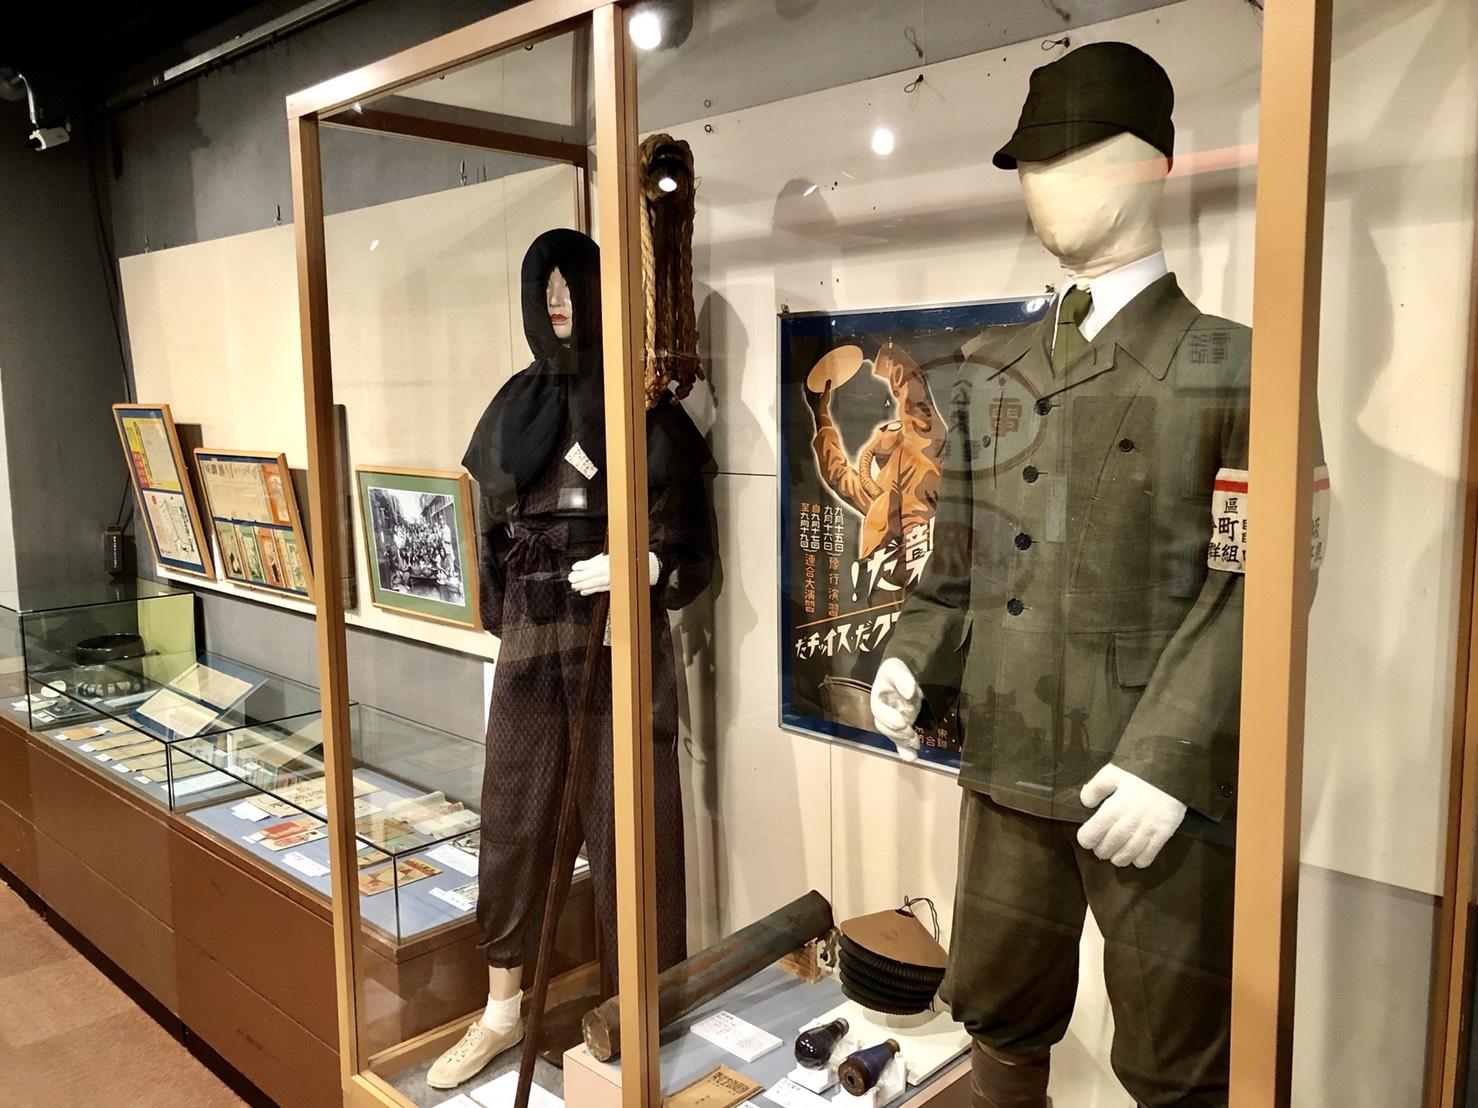 下町風俗資料館(太平洋戦争に関する資料)